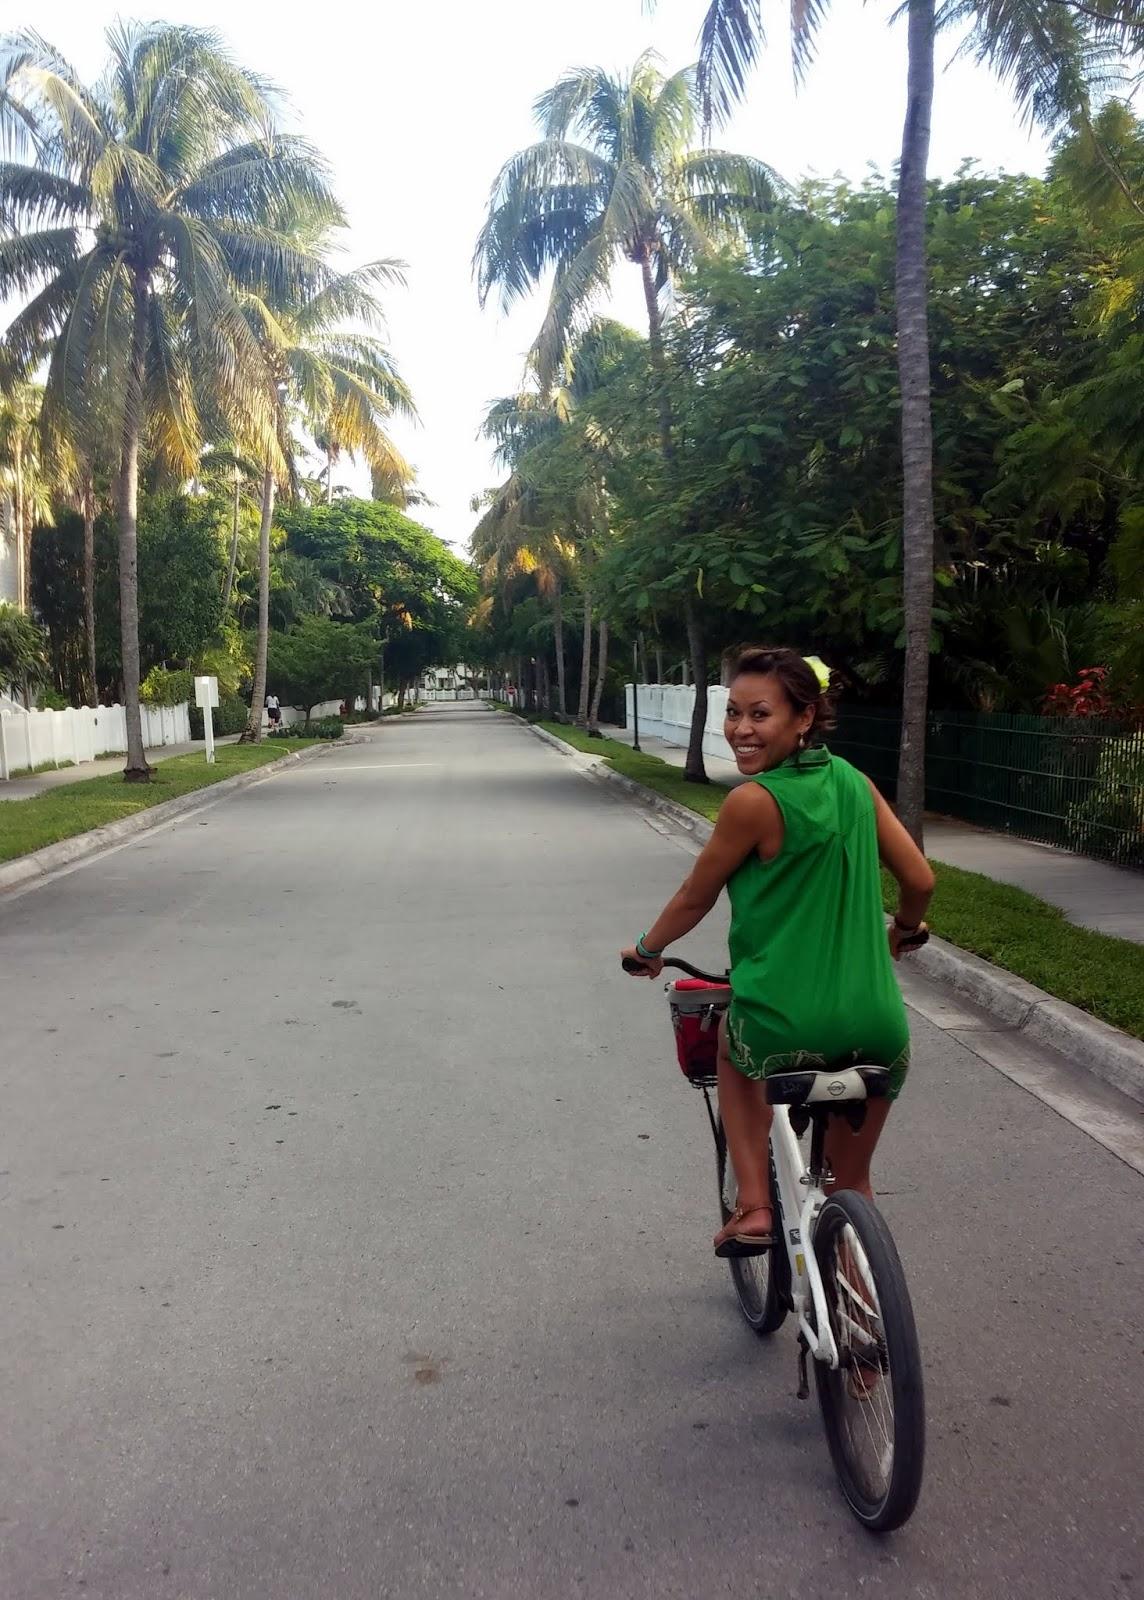 Girl on bike in Key West